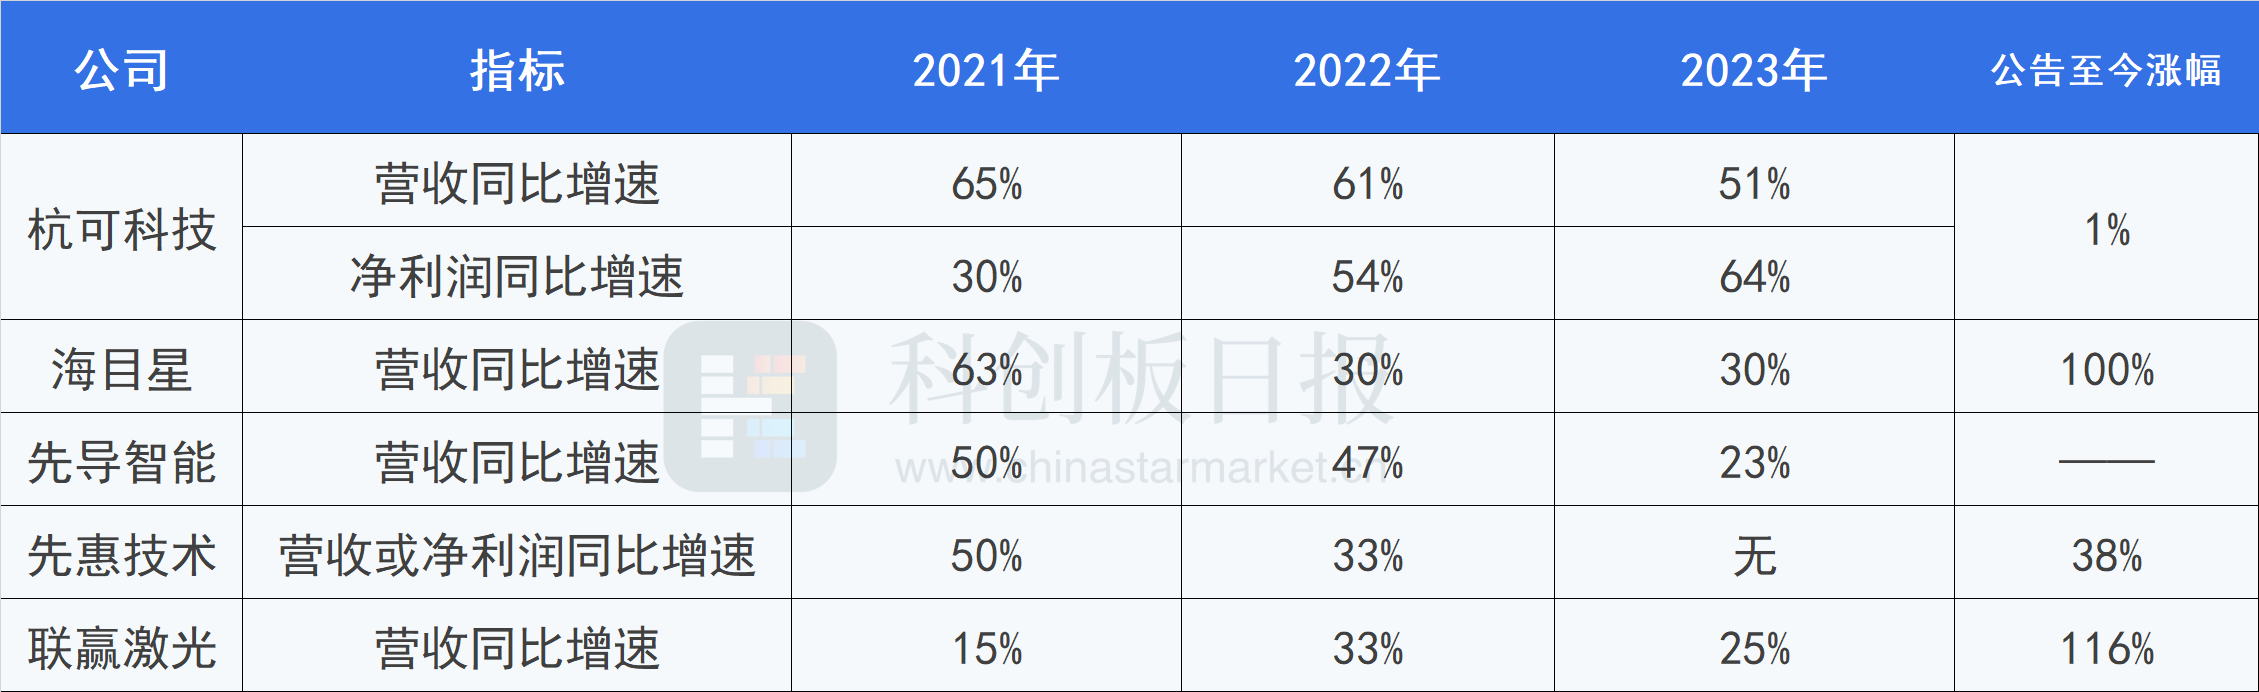 锂电池产能大幅跃进成趋势 高门槛股权激励成设备公司标配